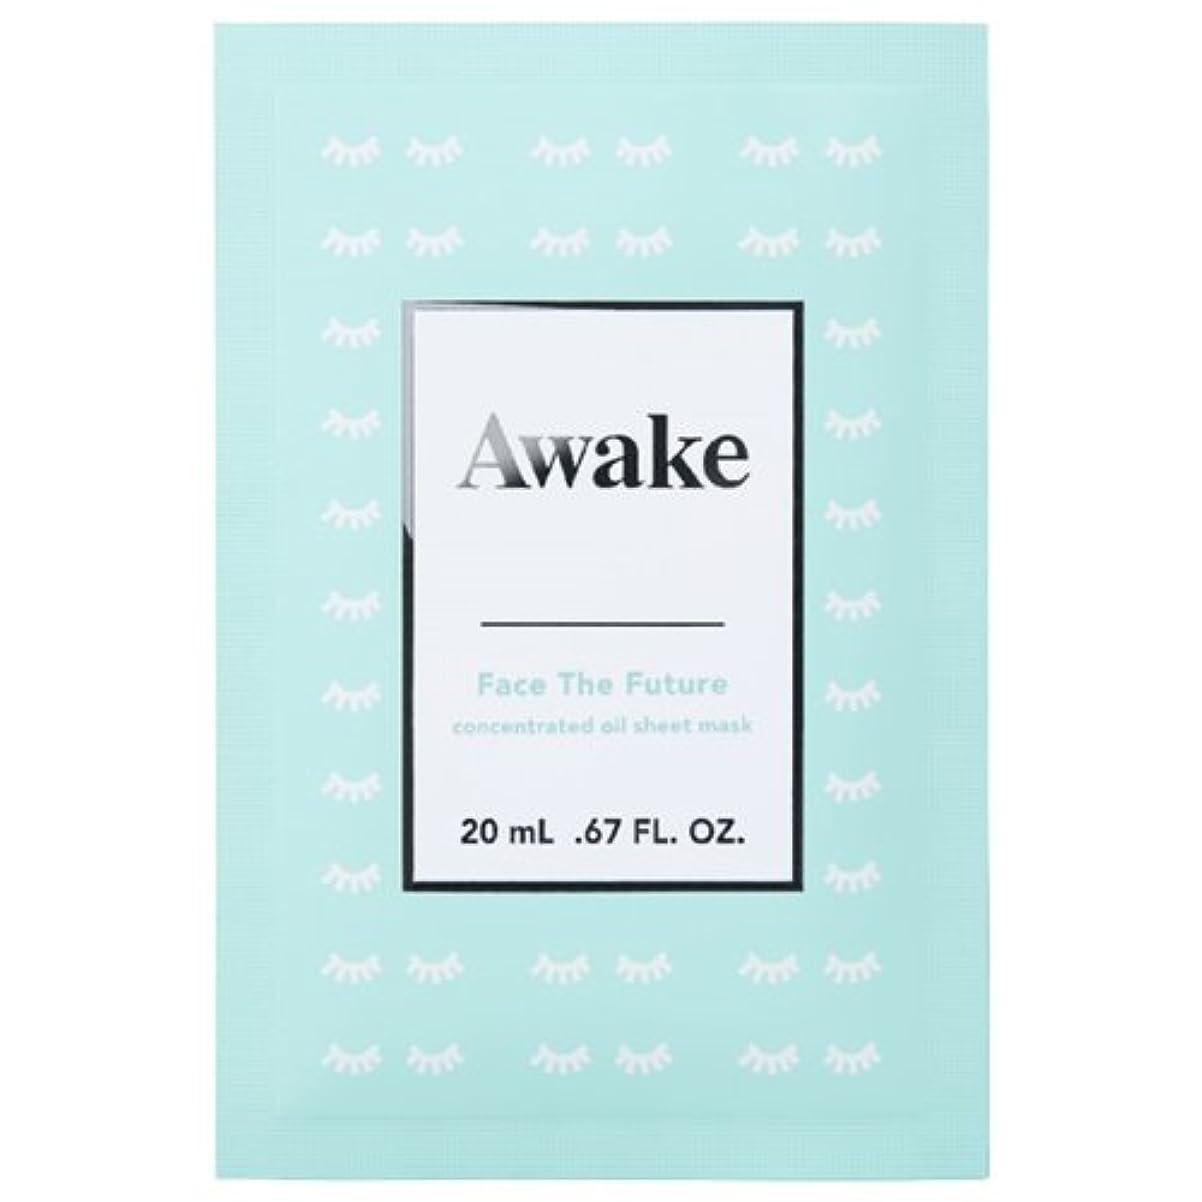 イタリック解体する埋め込むアウェイク(AWAKE) Awake(アウェイク) フェイスザフューチャー コンセントレイティッド オイルシートマスク (20mL × 6枚入)